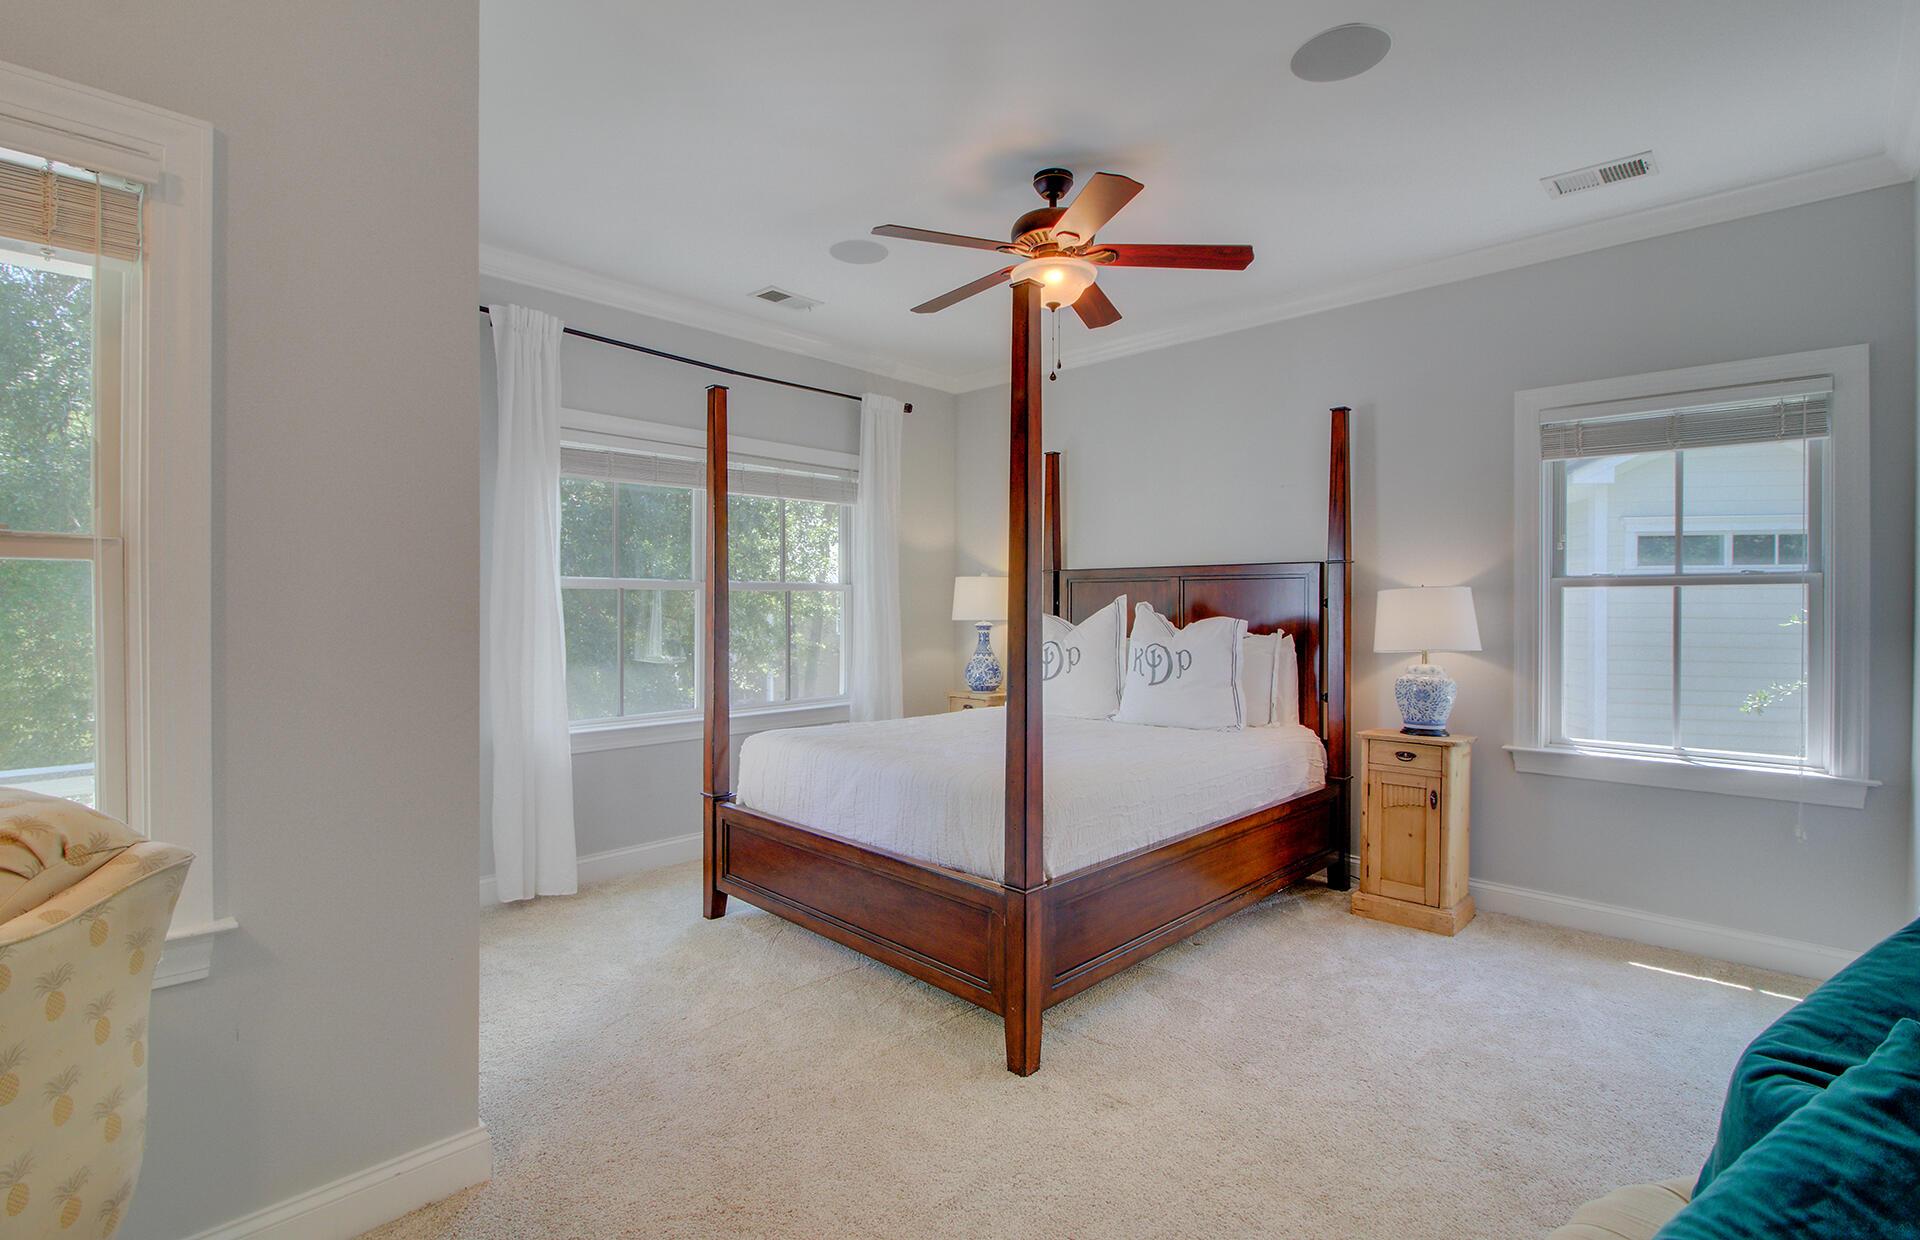 Phillips Park Homes For Sale - 1129 Phillips Park, Mount Pleasant, SC - 29